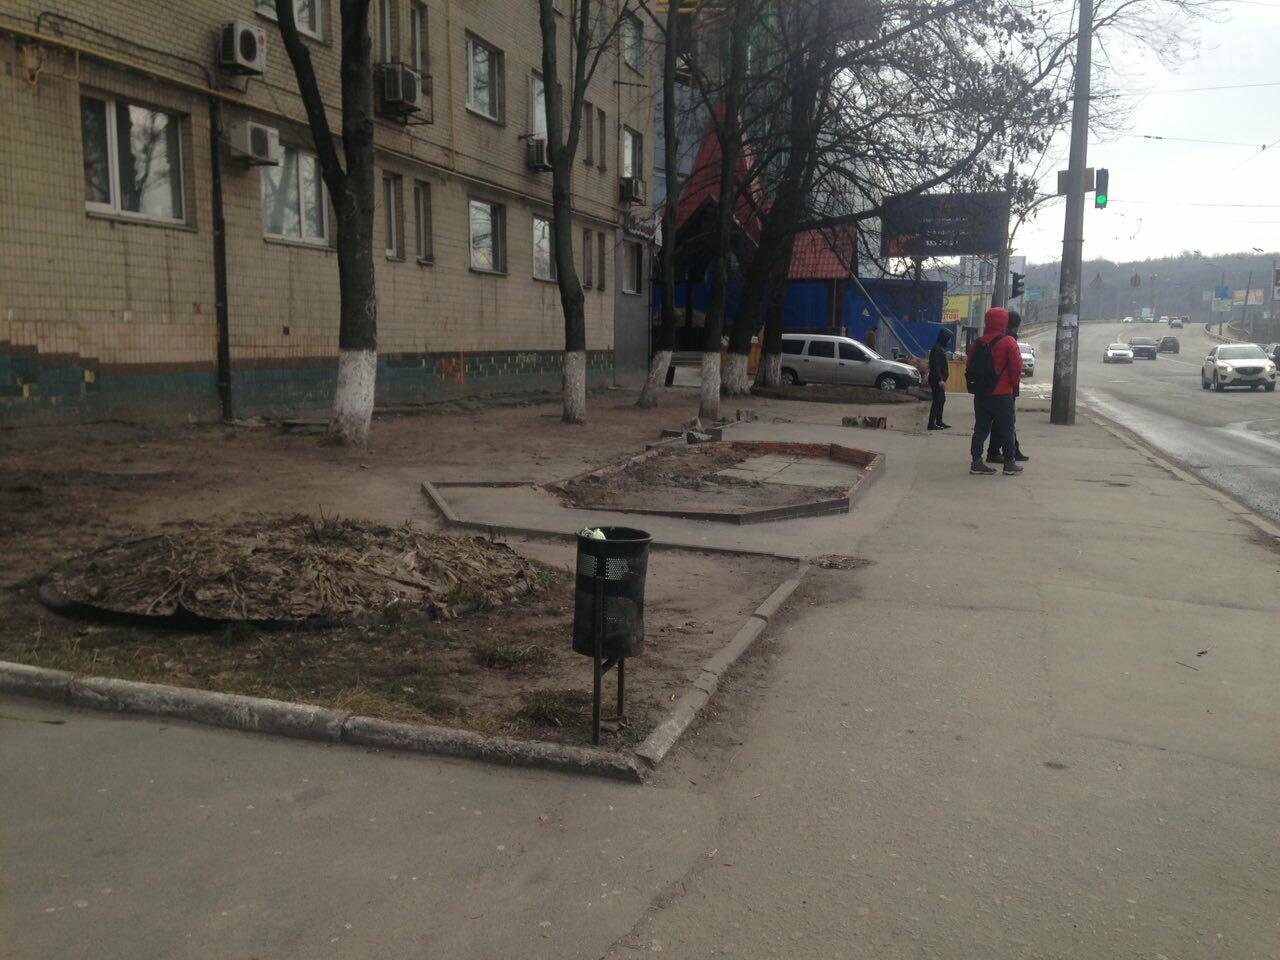 В Киеве вместе с МАФом снесли остановку (ФОТО), фото-1